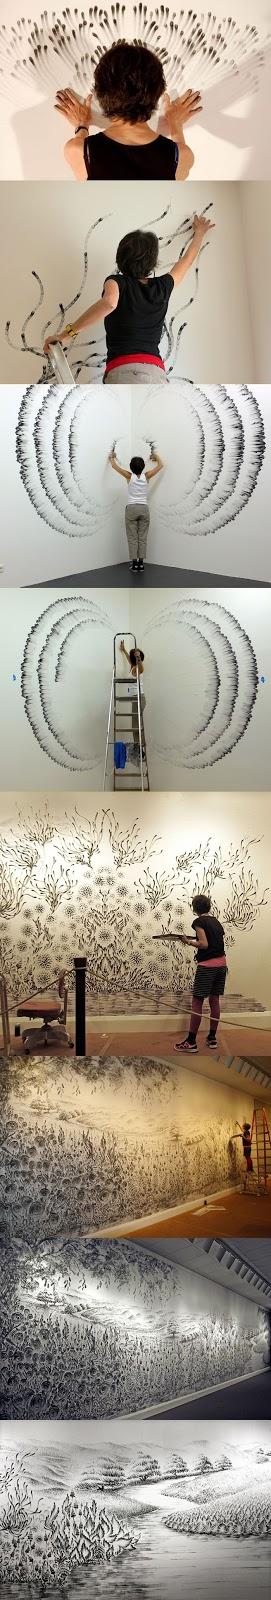 கைவிரல்களால் அற்புதமாக ஓவியங்கள் வரையும் ஓவியர் Finger-Painting-art+(6)